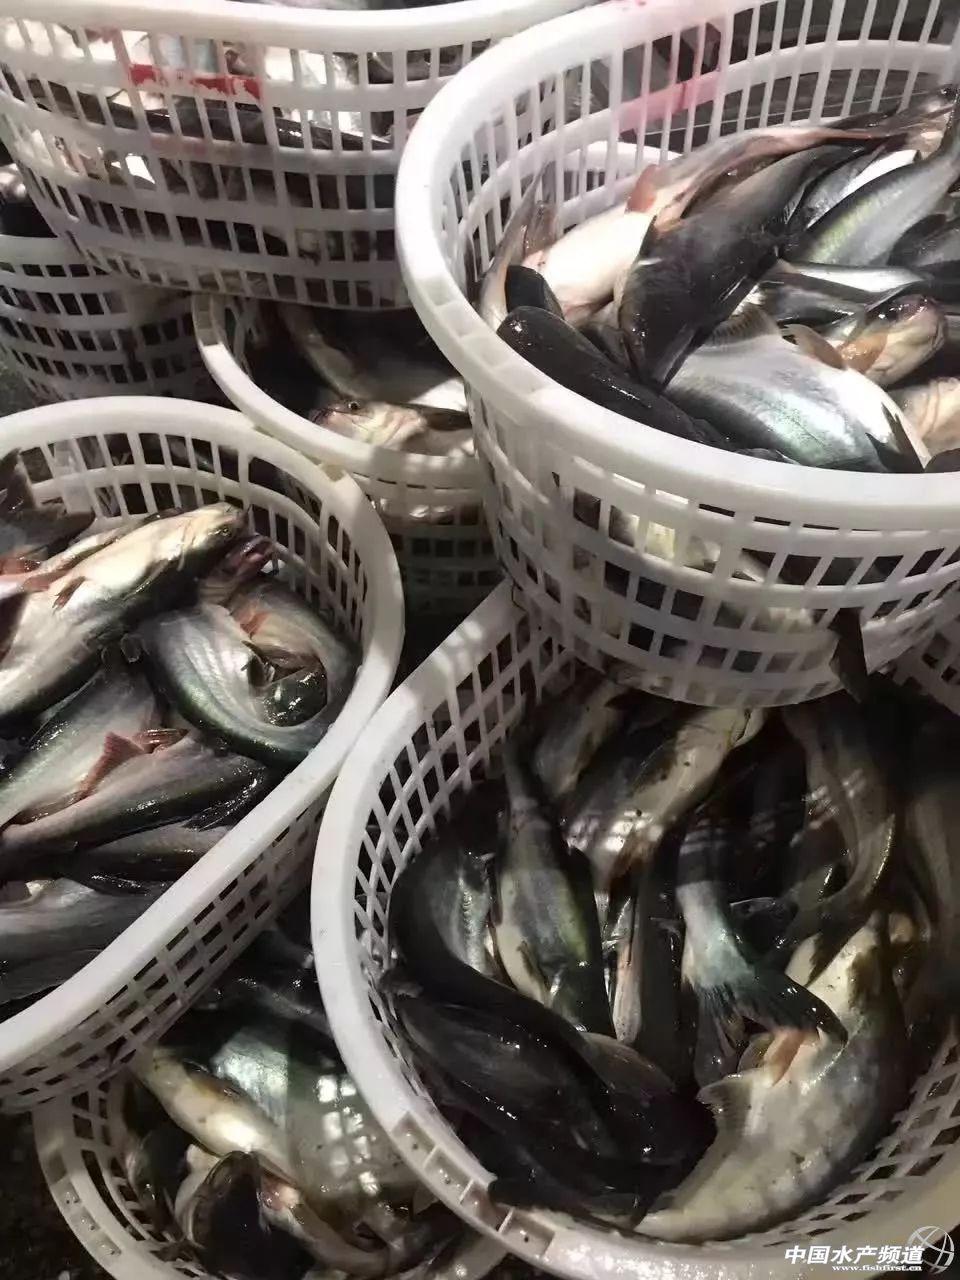 国内经销商收购的成鱼